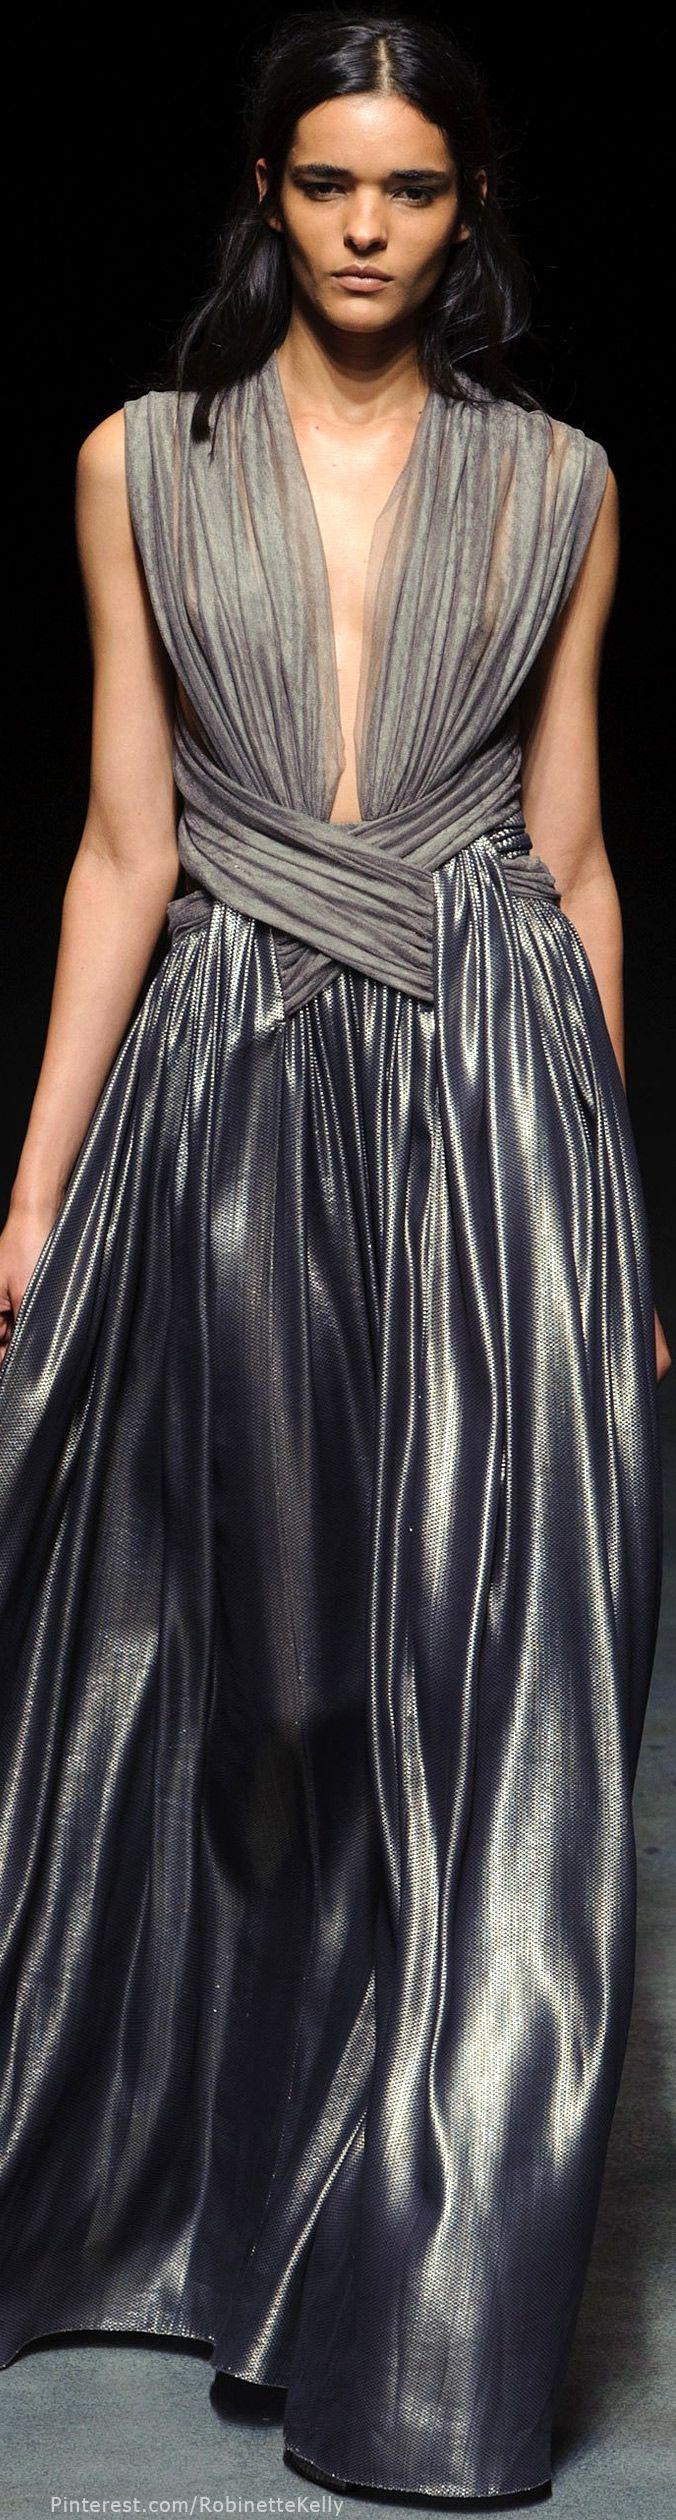 Défilé Yiqing Yin Printemps-été 2014 Haute couture